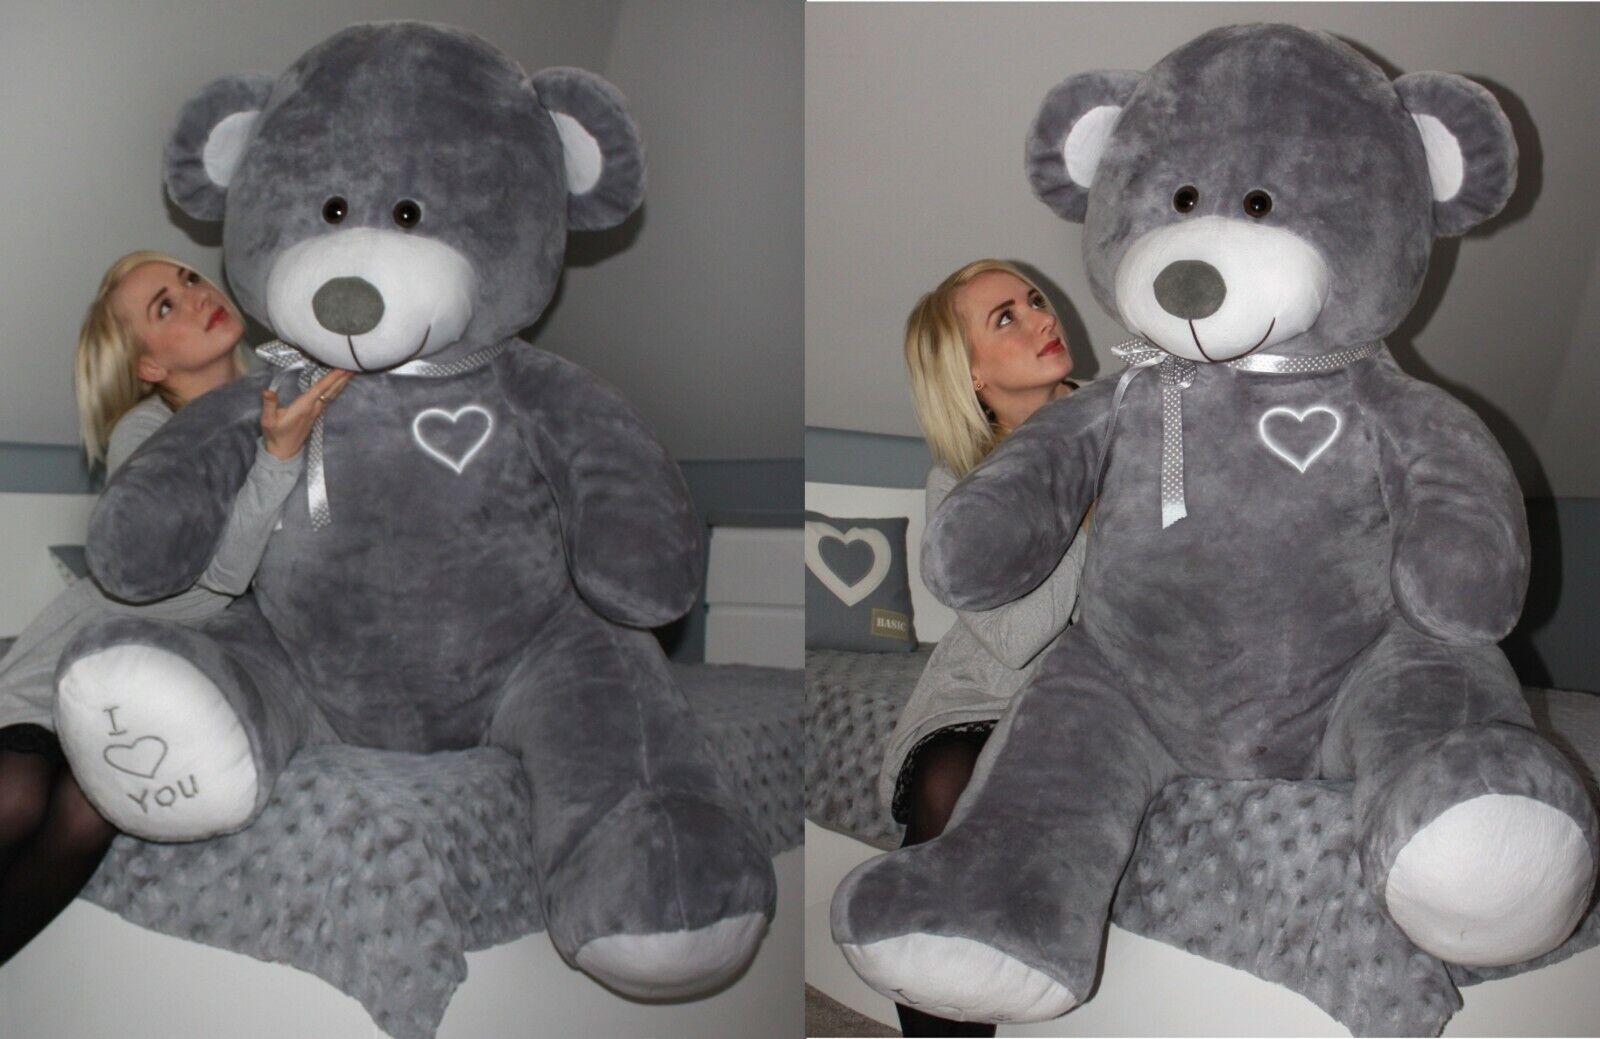 XXL Teddybär Plüsch Kuschel Stoff Tier Riesen Teddy Bär Valentinstag Geschenk XL Grau